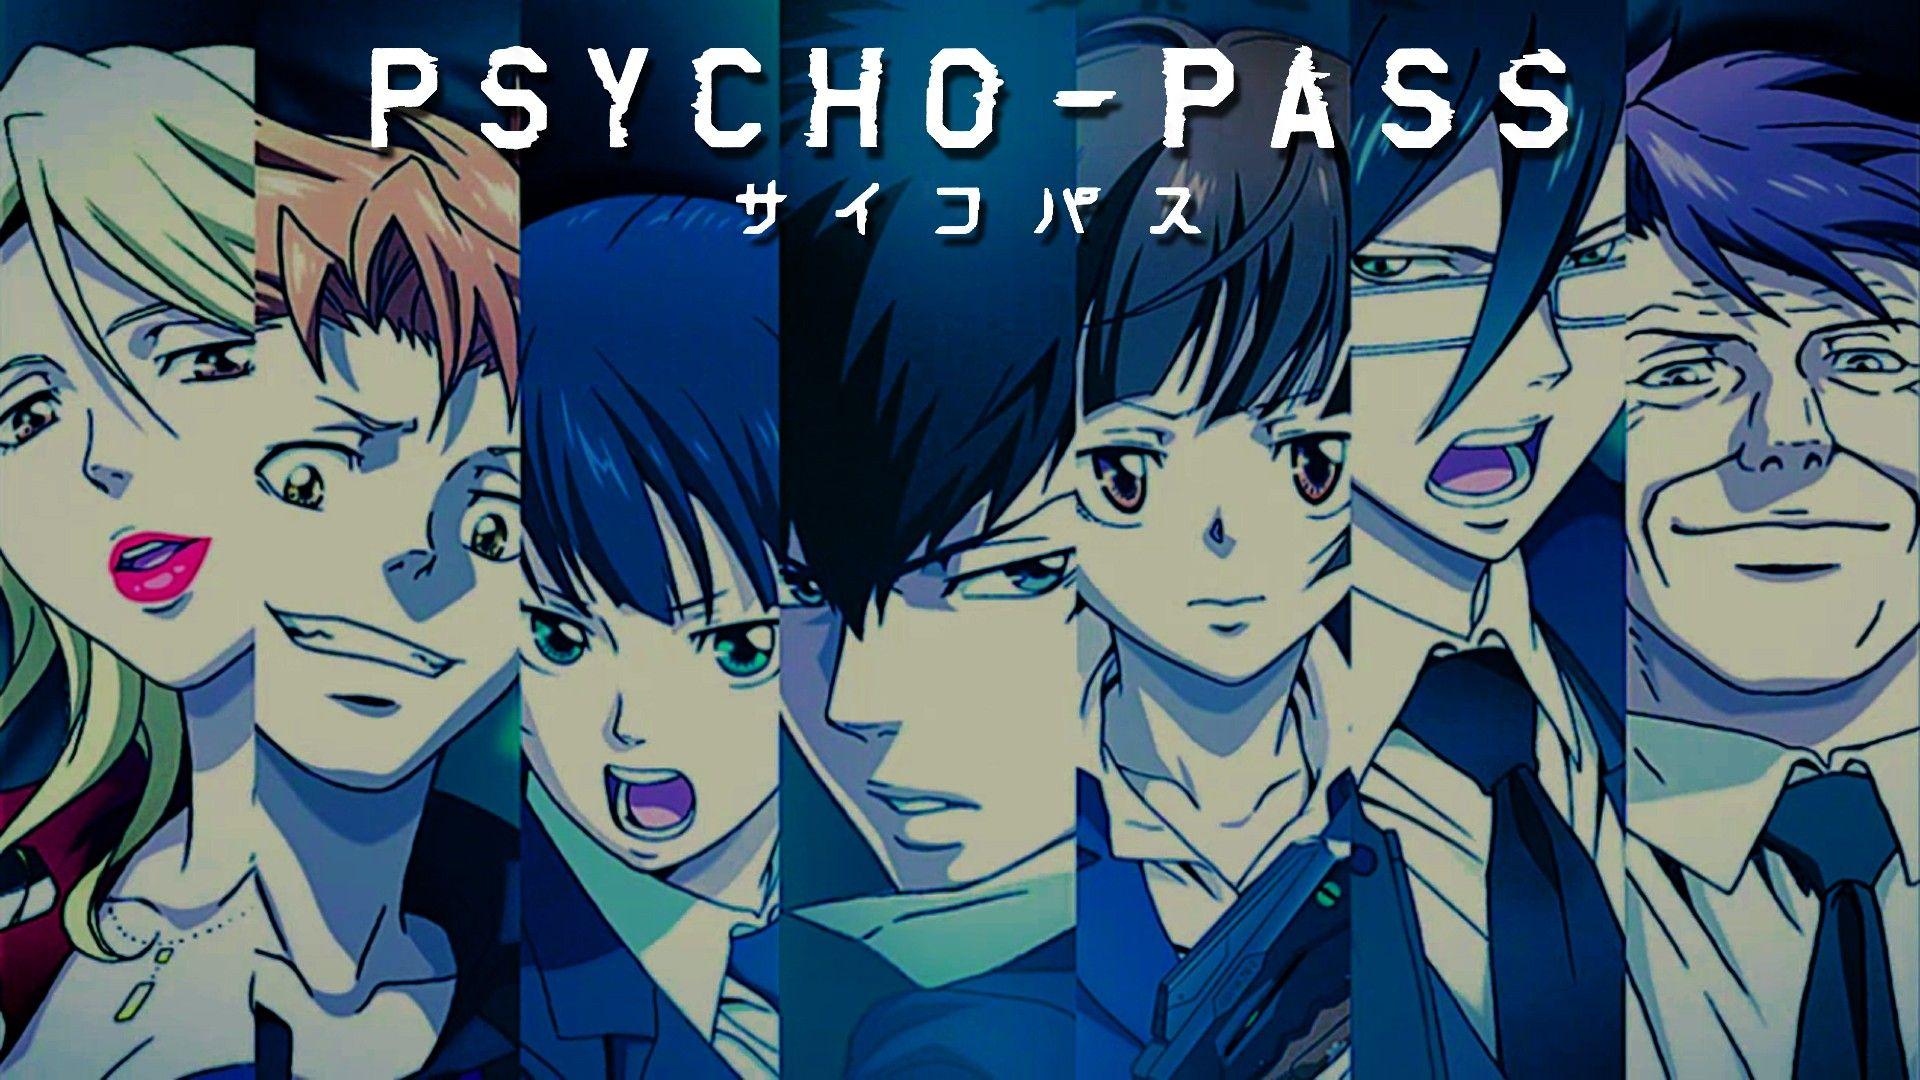 Shion, Kagari, Yayoi, Kogami, Akane, Ginoza, Masaoka; This